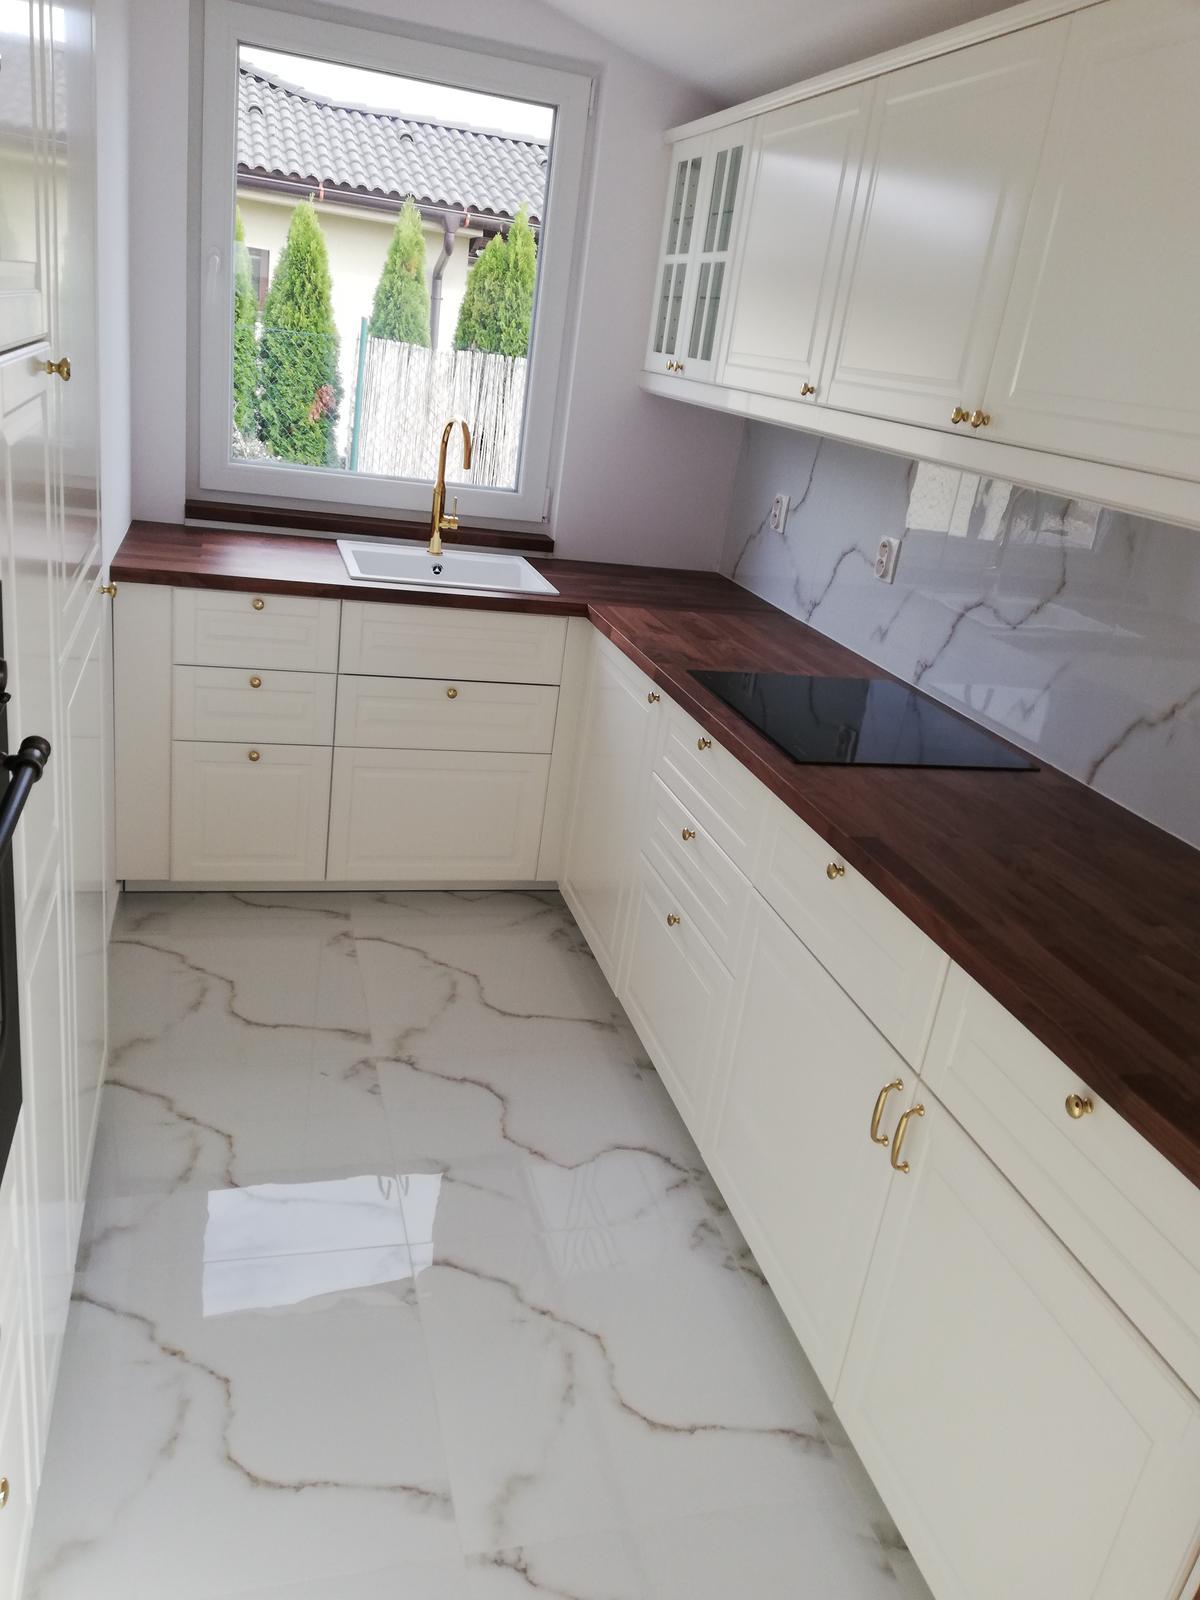 Kuchyňa Ikea - Vidiecky štýl v elegantnom prevedení - Obrázok č. 2